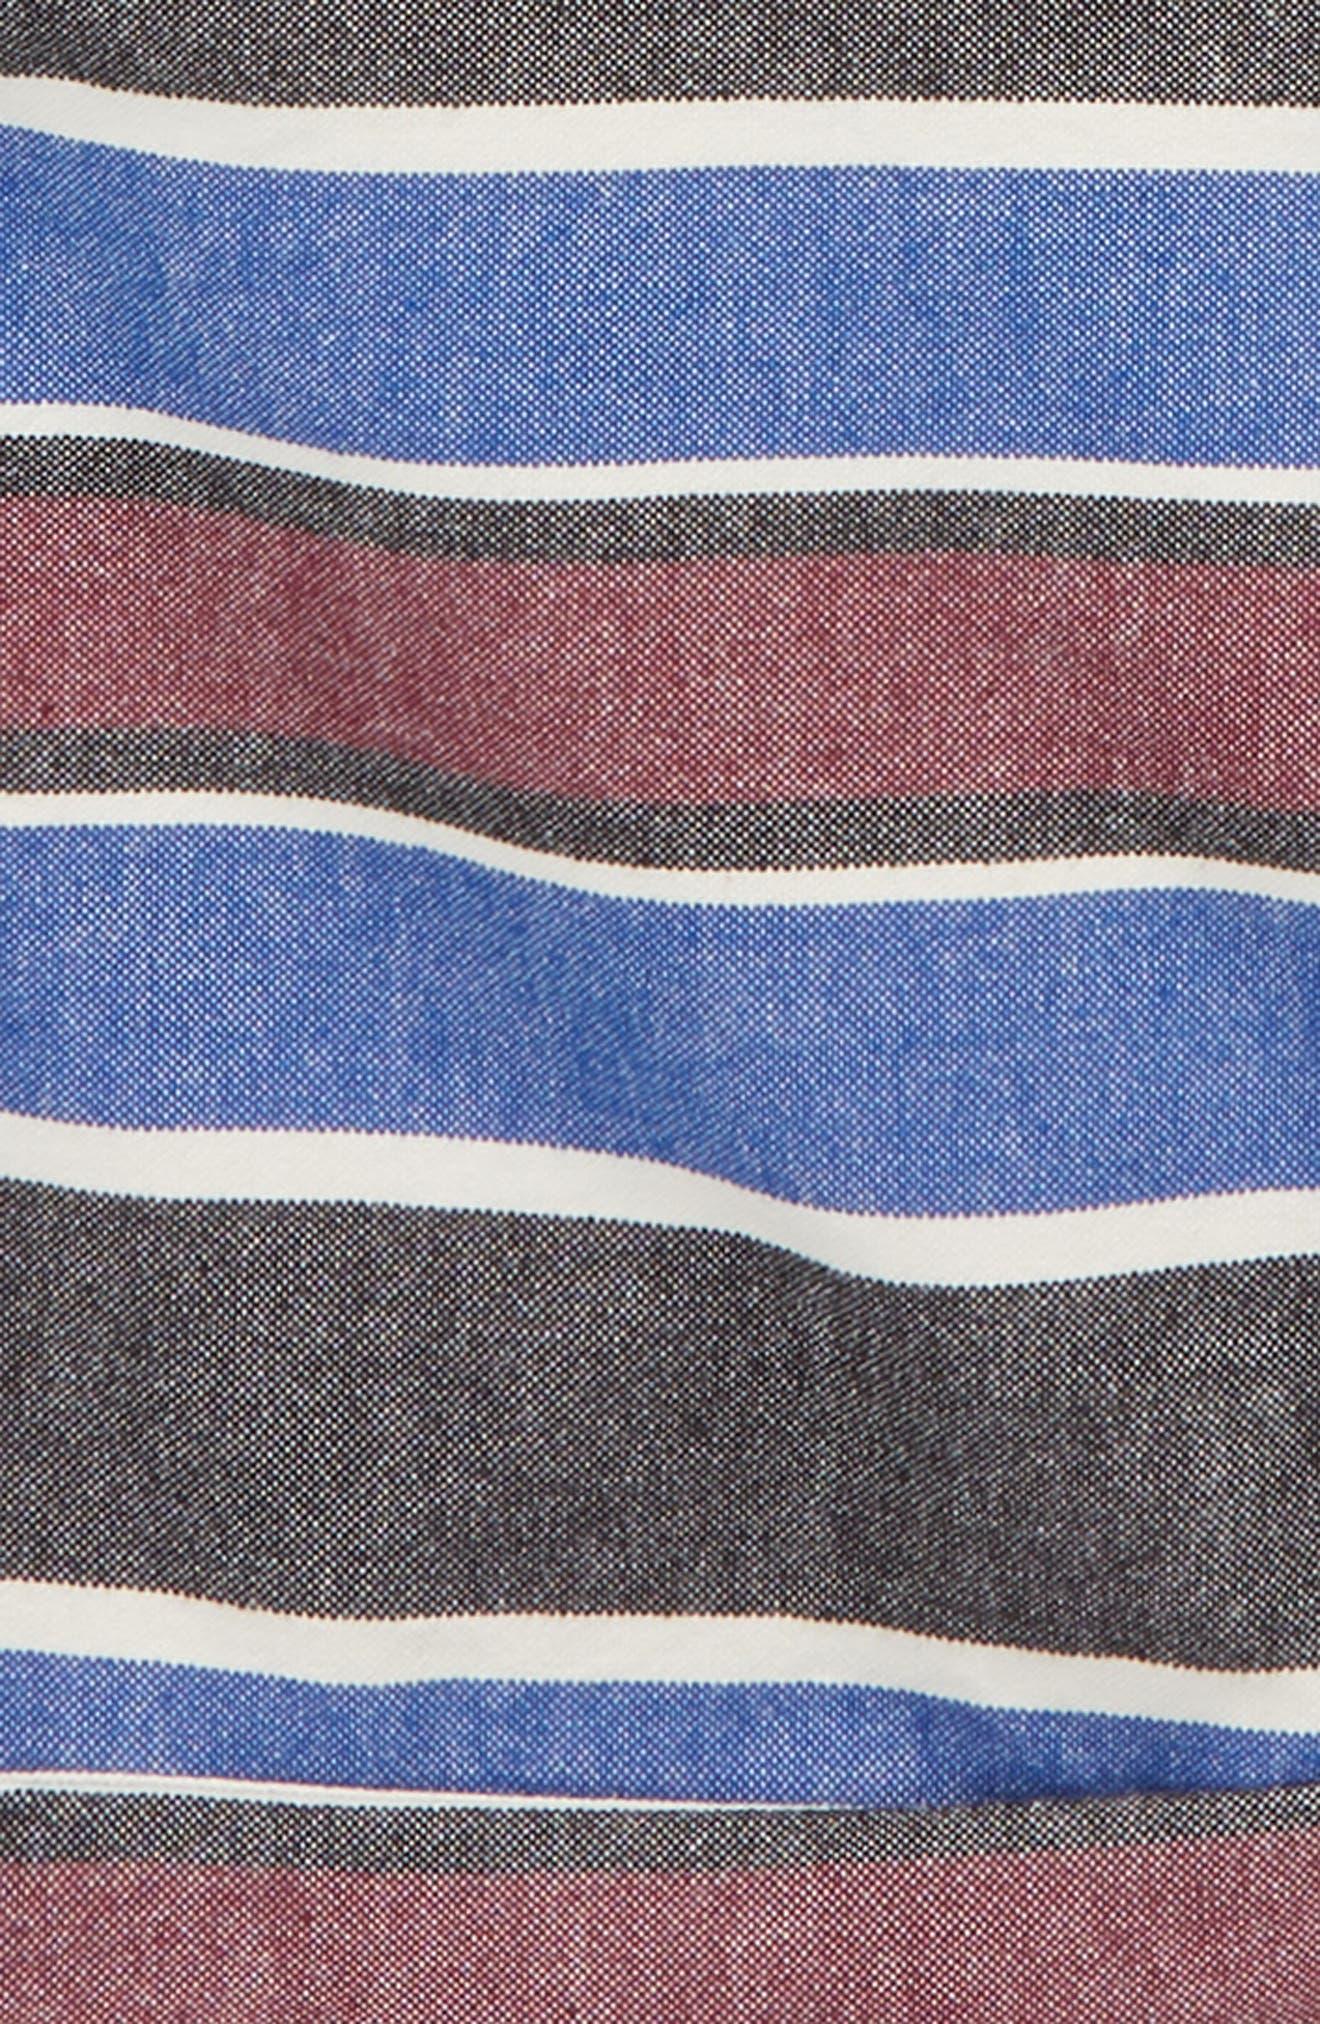 Stripe Chino Shorts,                             Alternate thumbnail 3, color,                             Combo Stripes